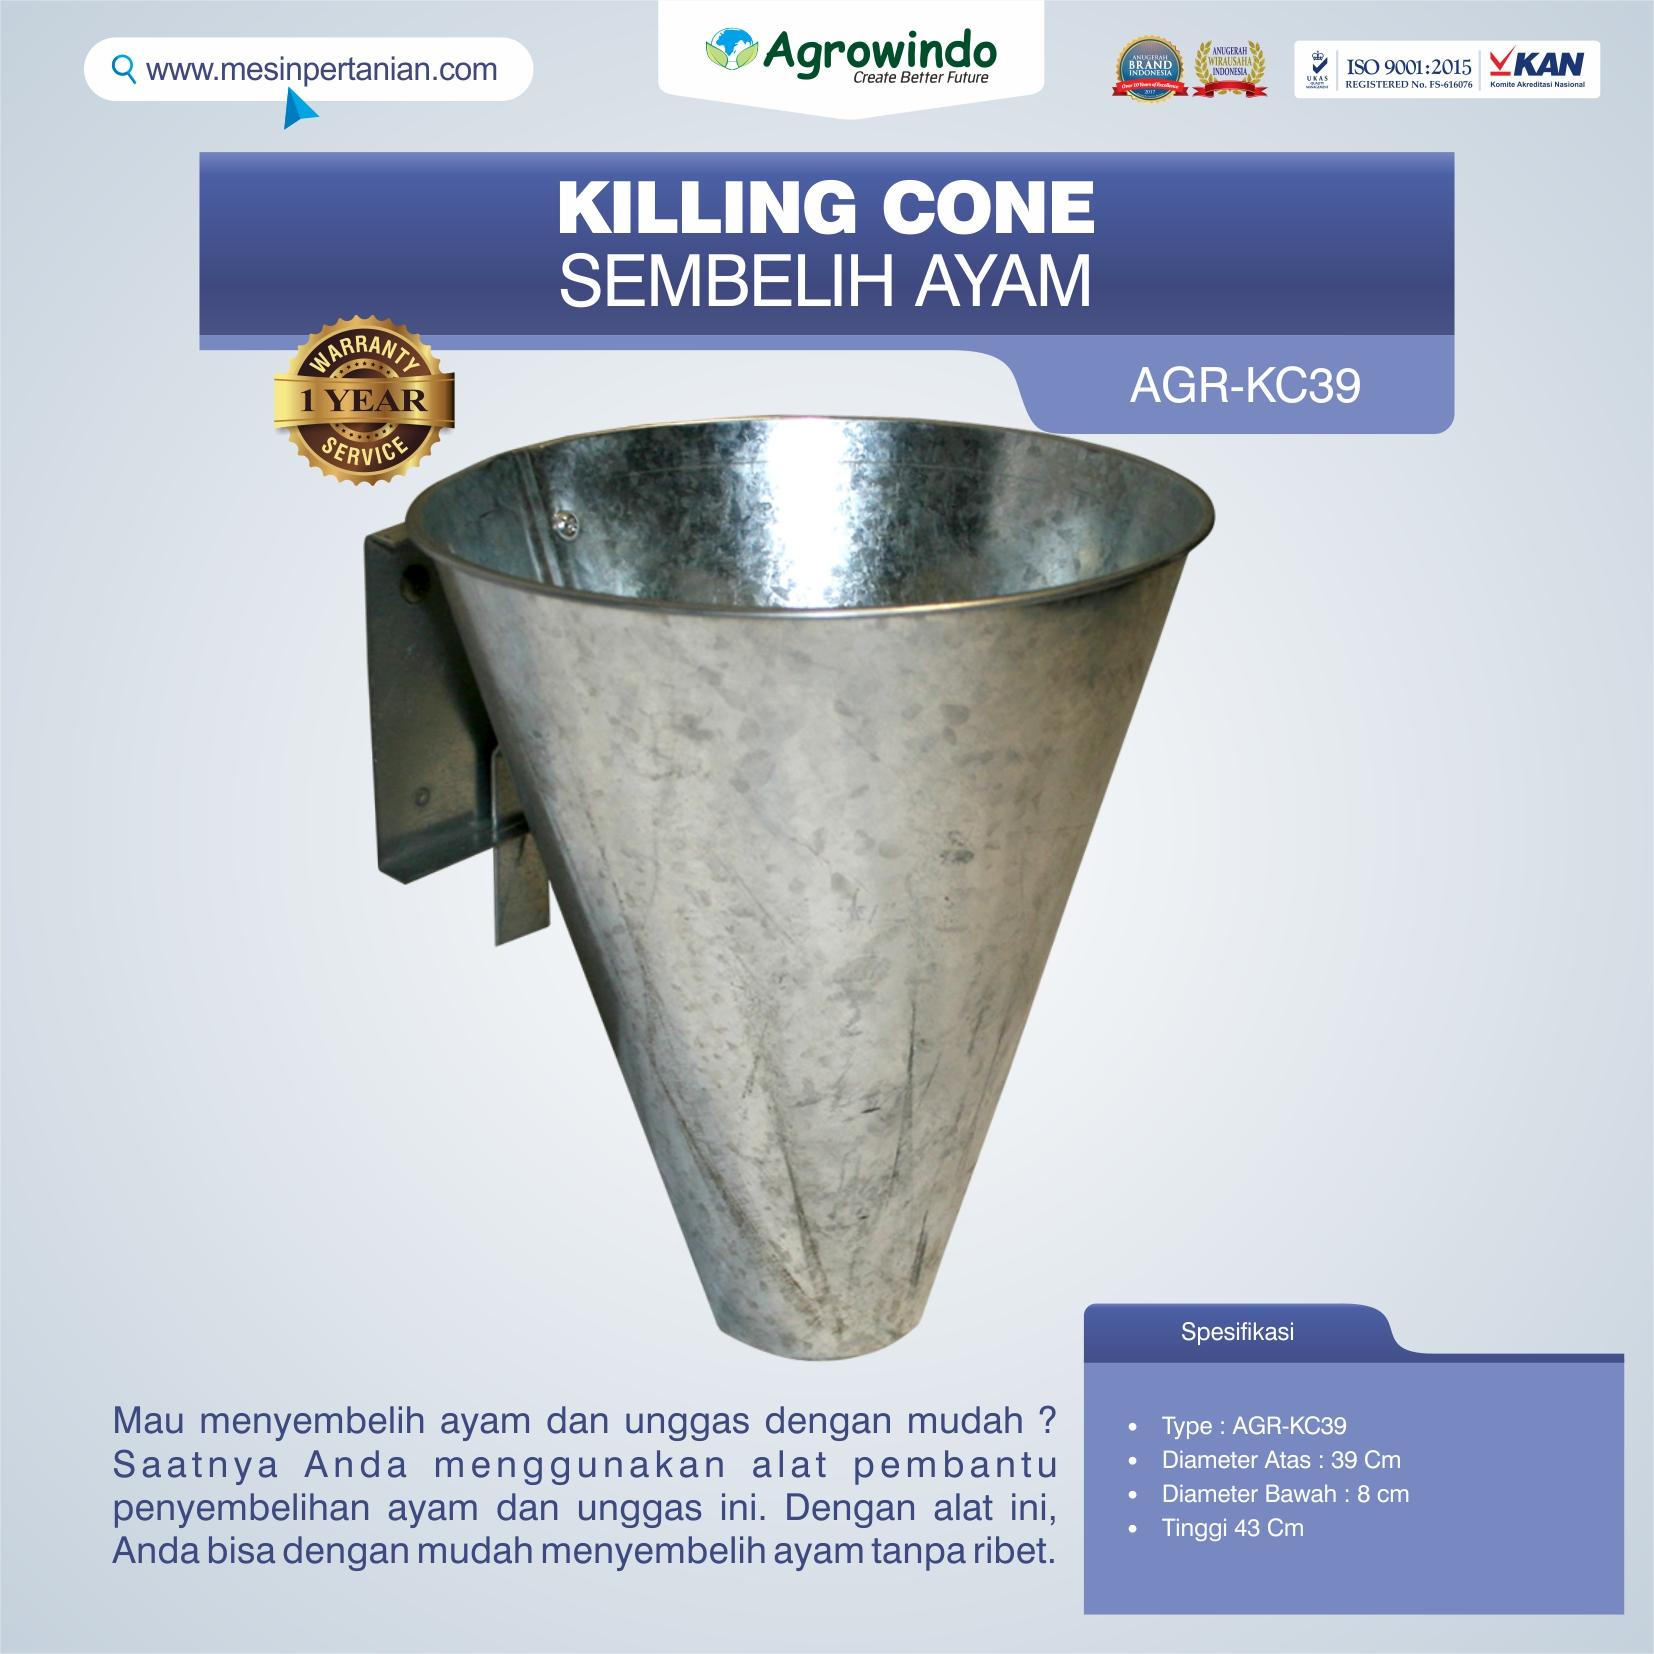 Jual Killing Cone Alat Sembelih Ayam di Bali